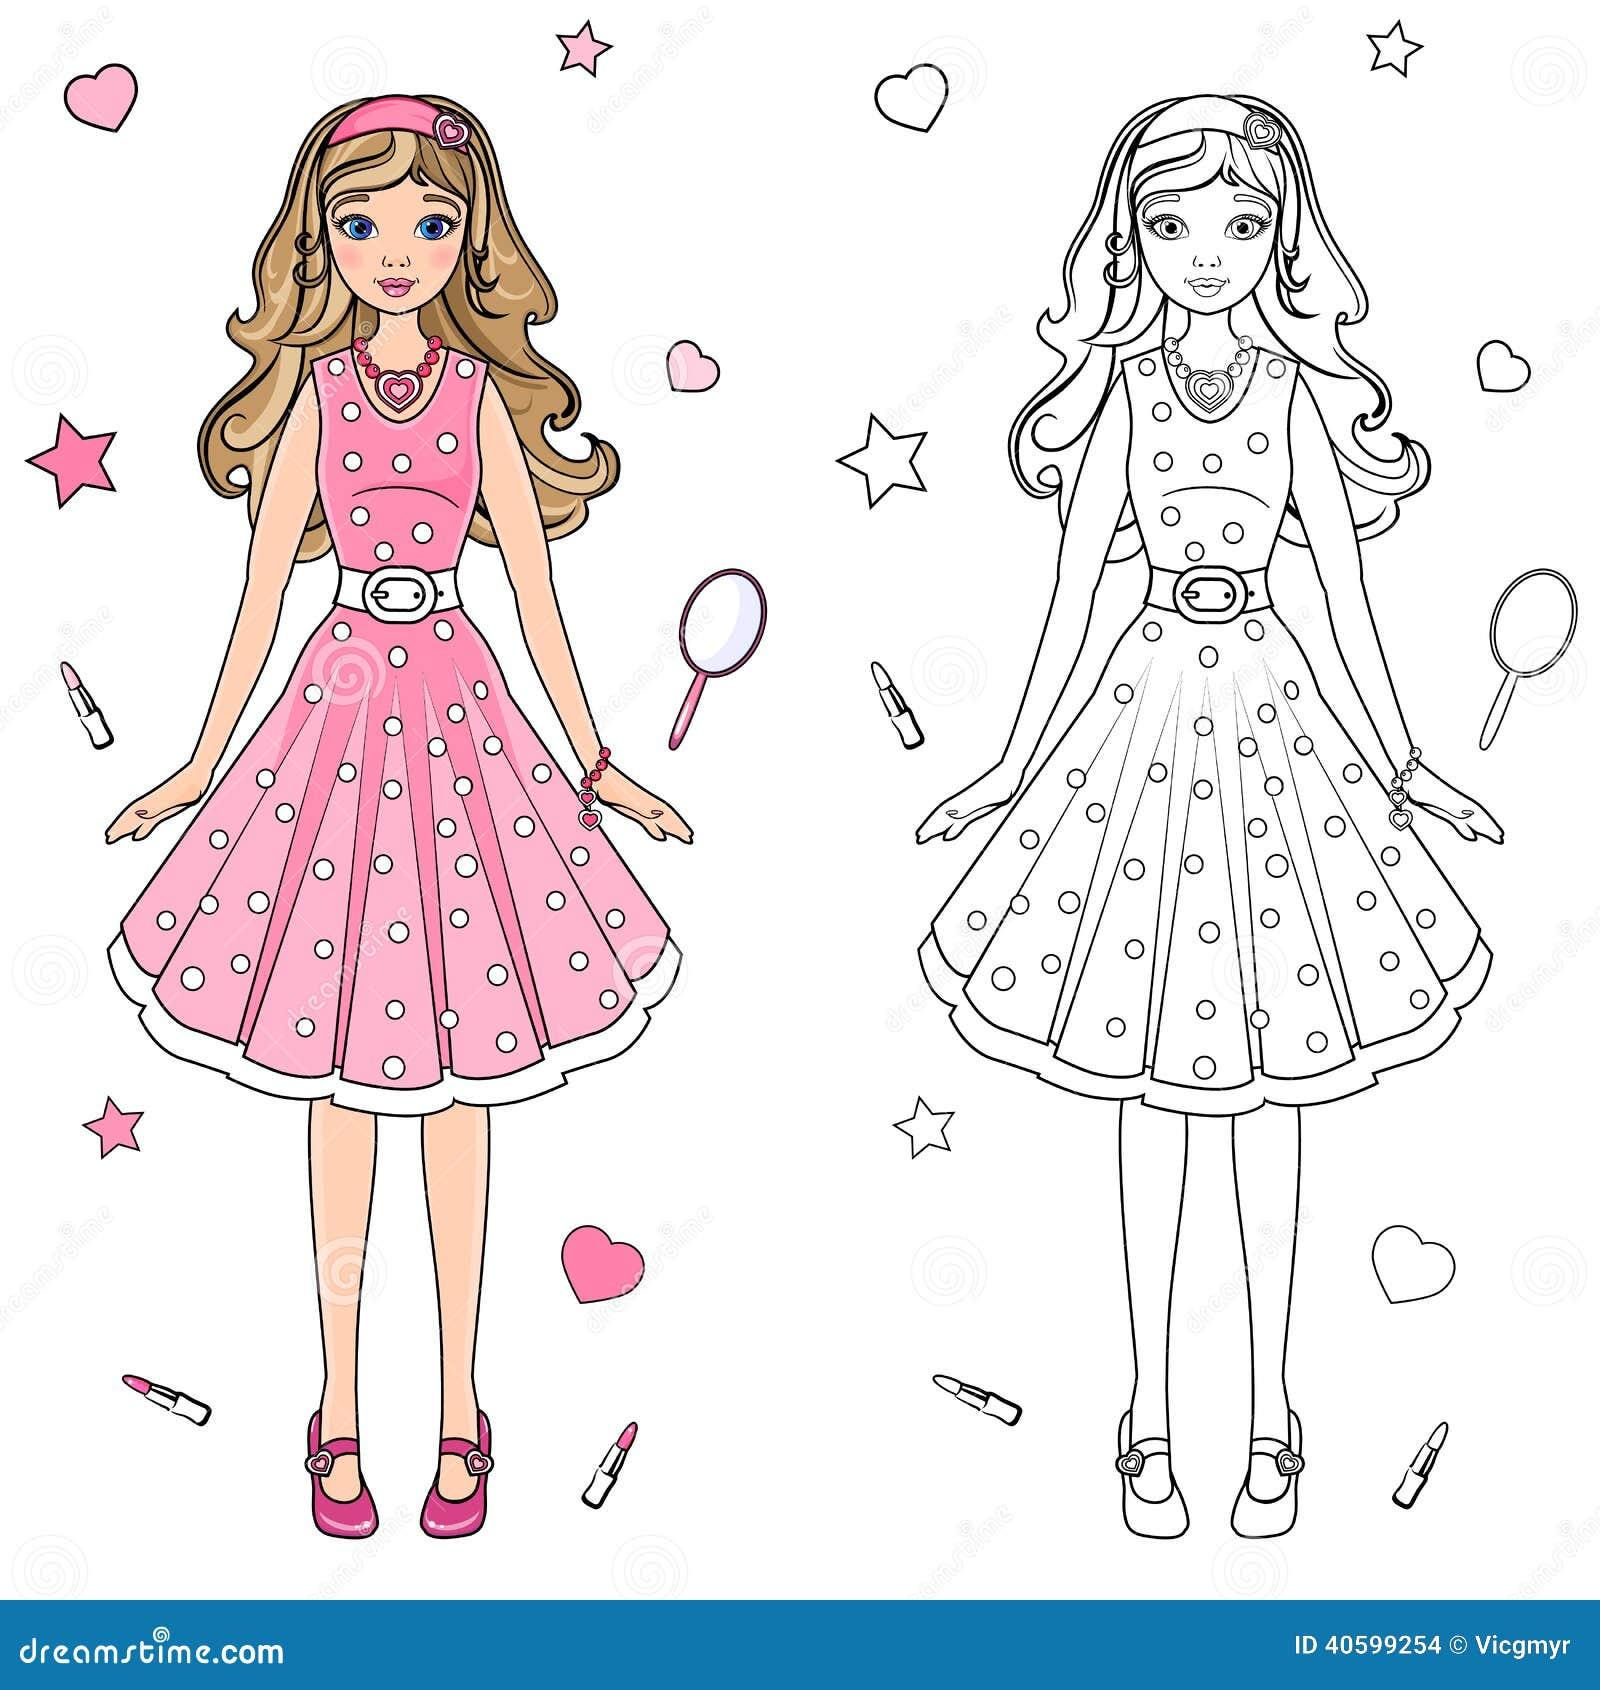 immagini stock bambola del libro da colorare image